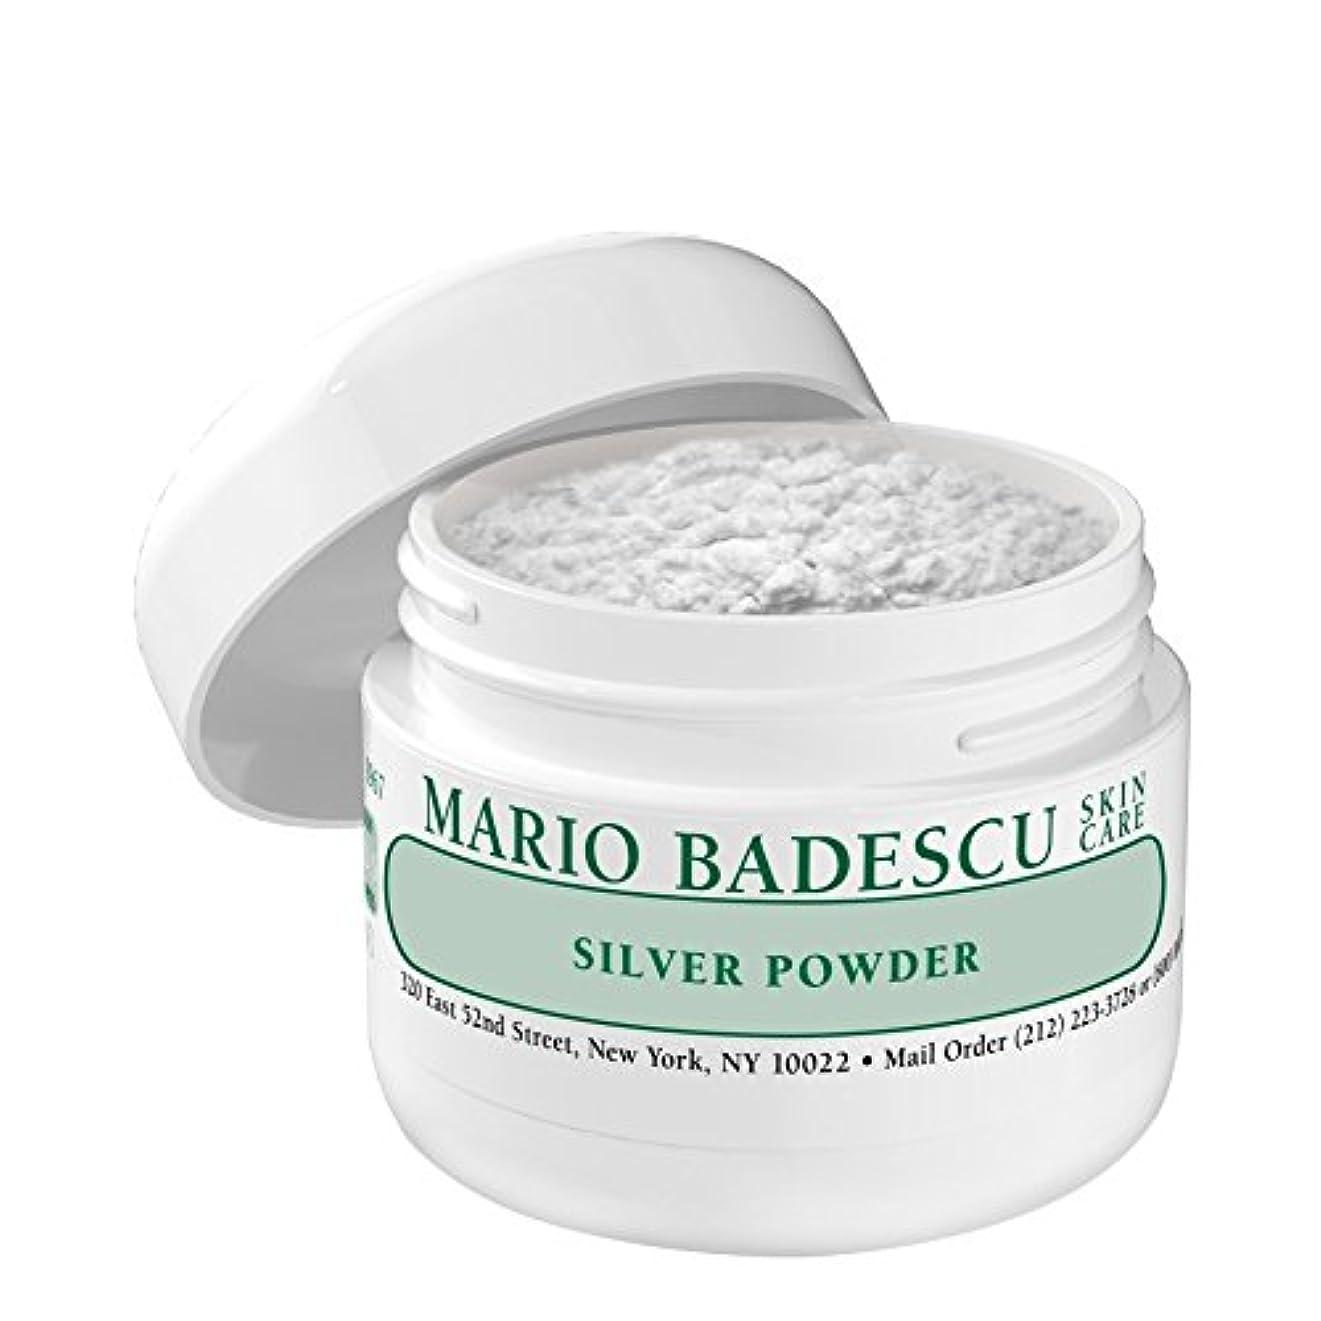 少なくとも変形立法マリオ?バデスキュー銀粉末 x2 - Mario Badescu Silver Powder (Pack of 2) [並行輸入品]